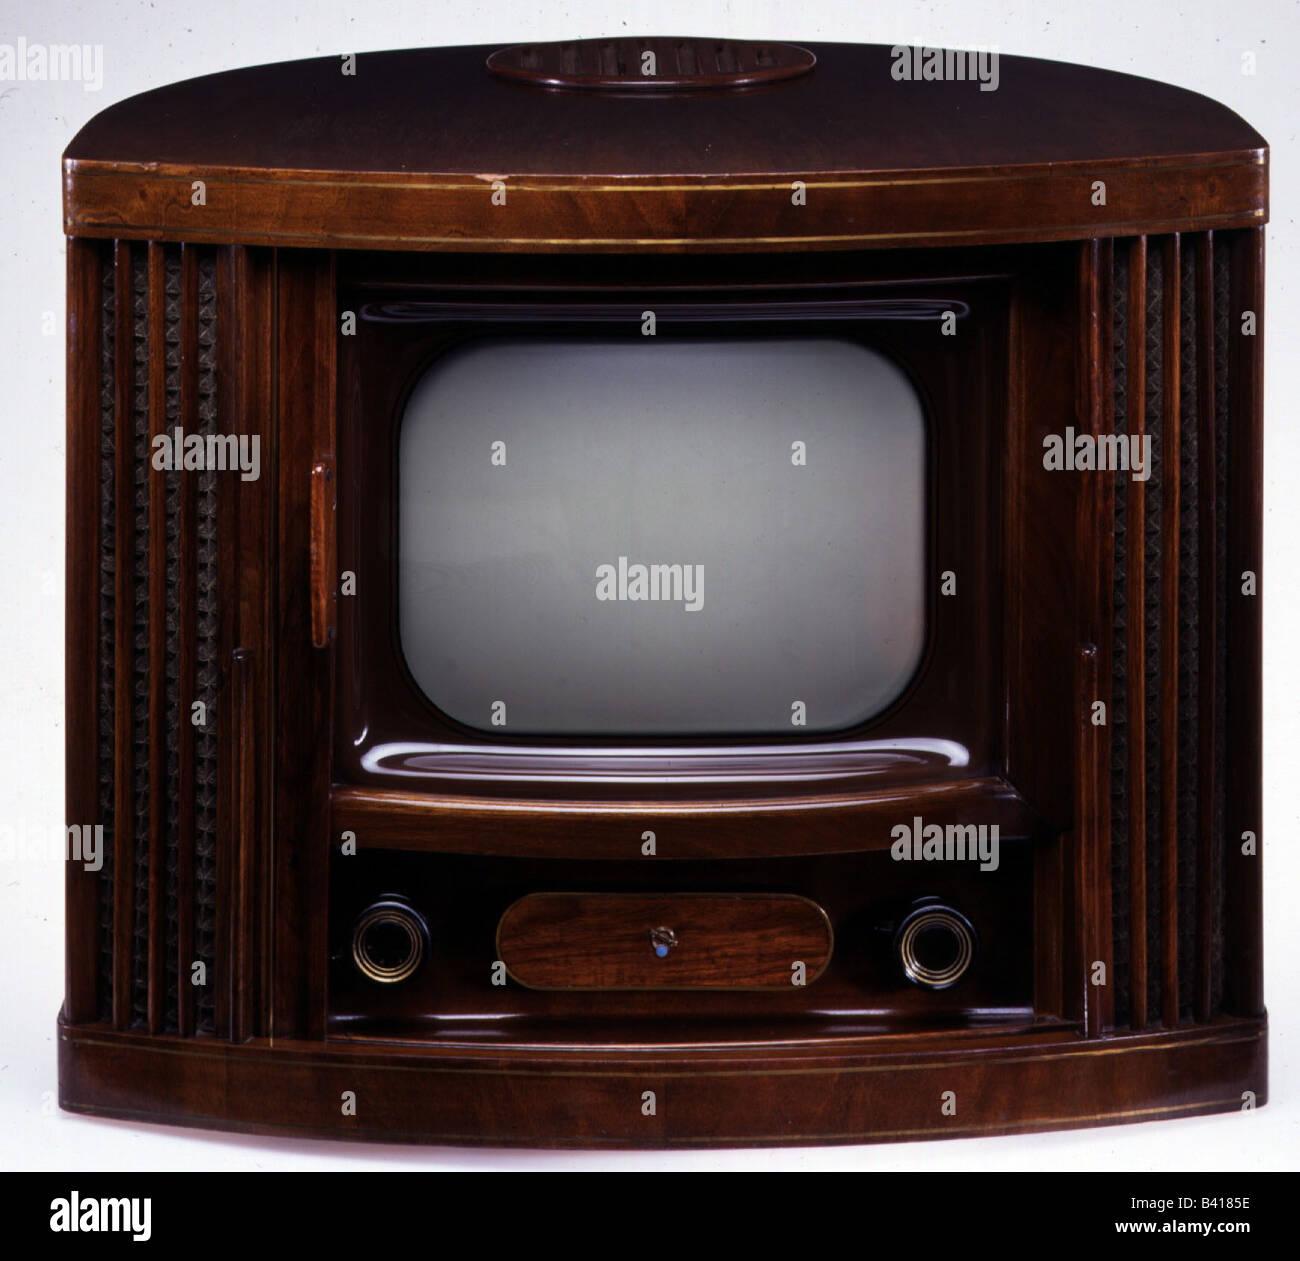 Rundfunk, Fernsehen, Fernseher, TV Blaupunkt V52, Deutschland, 1951, 50s, 50s, historischen, geschichtlichen, Art, Stockbild